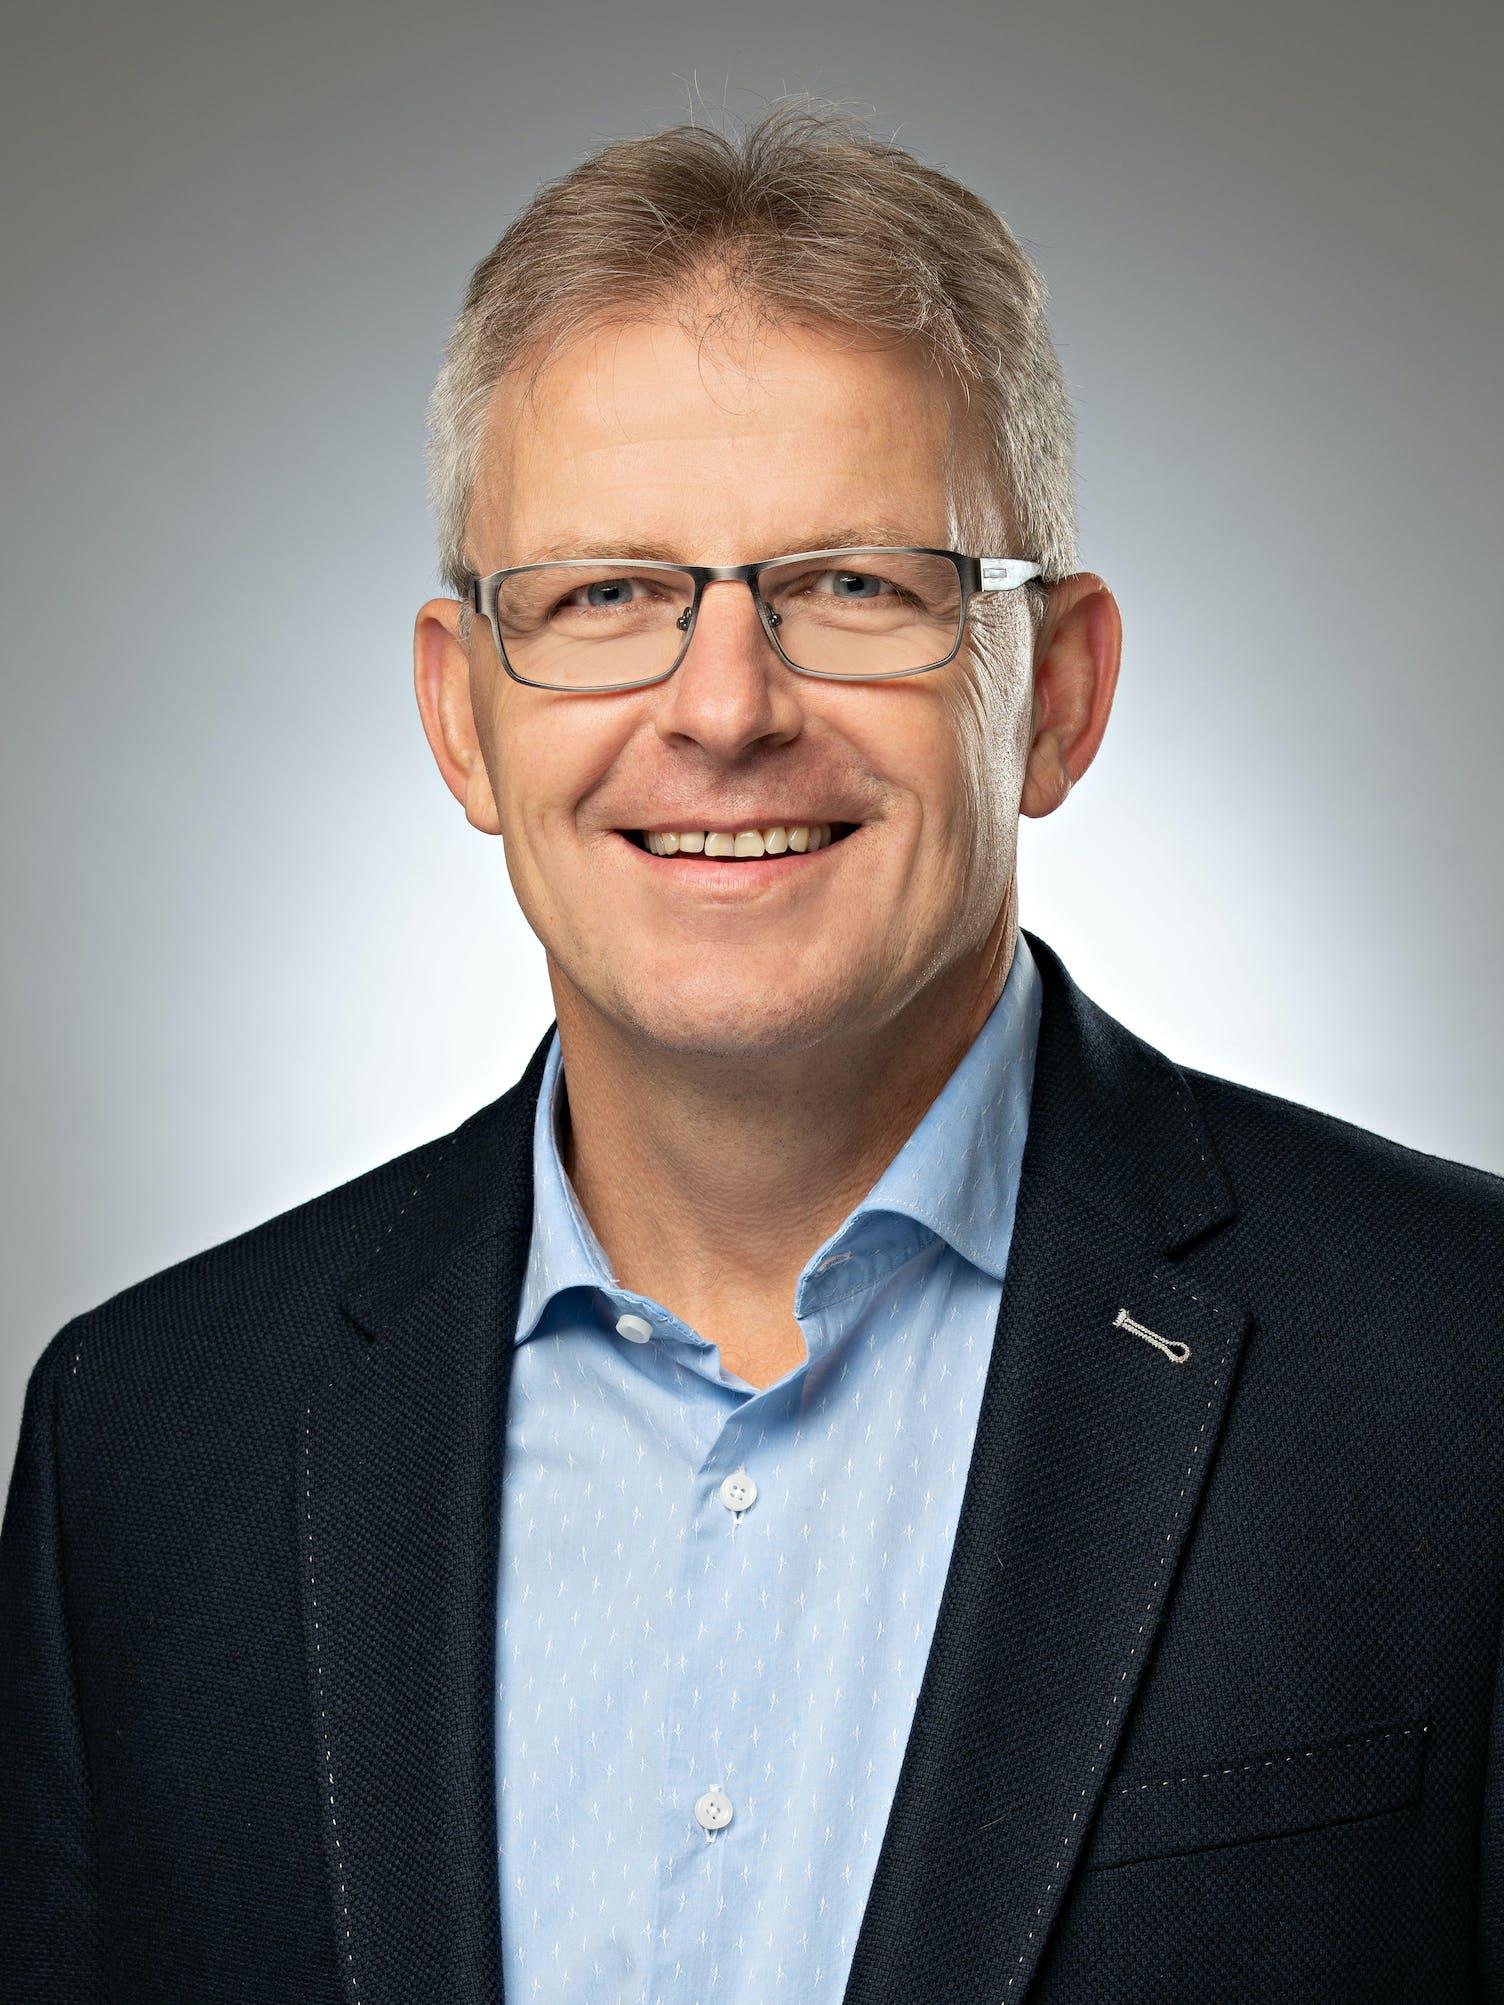 Heinz Keller